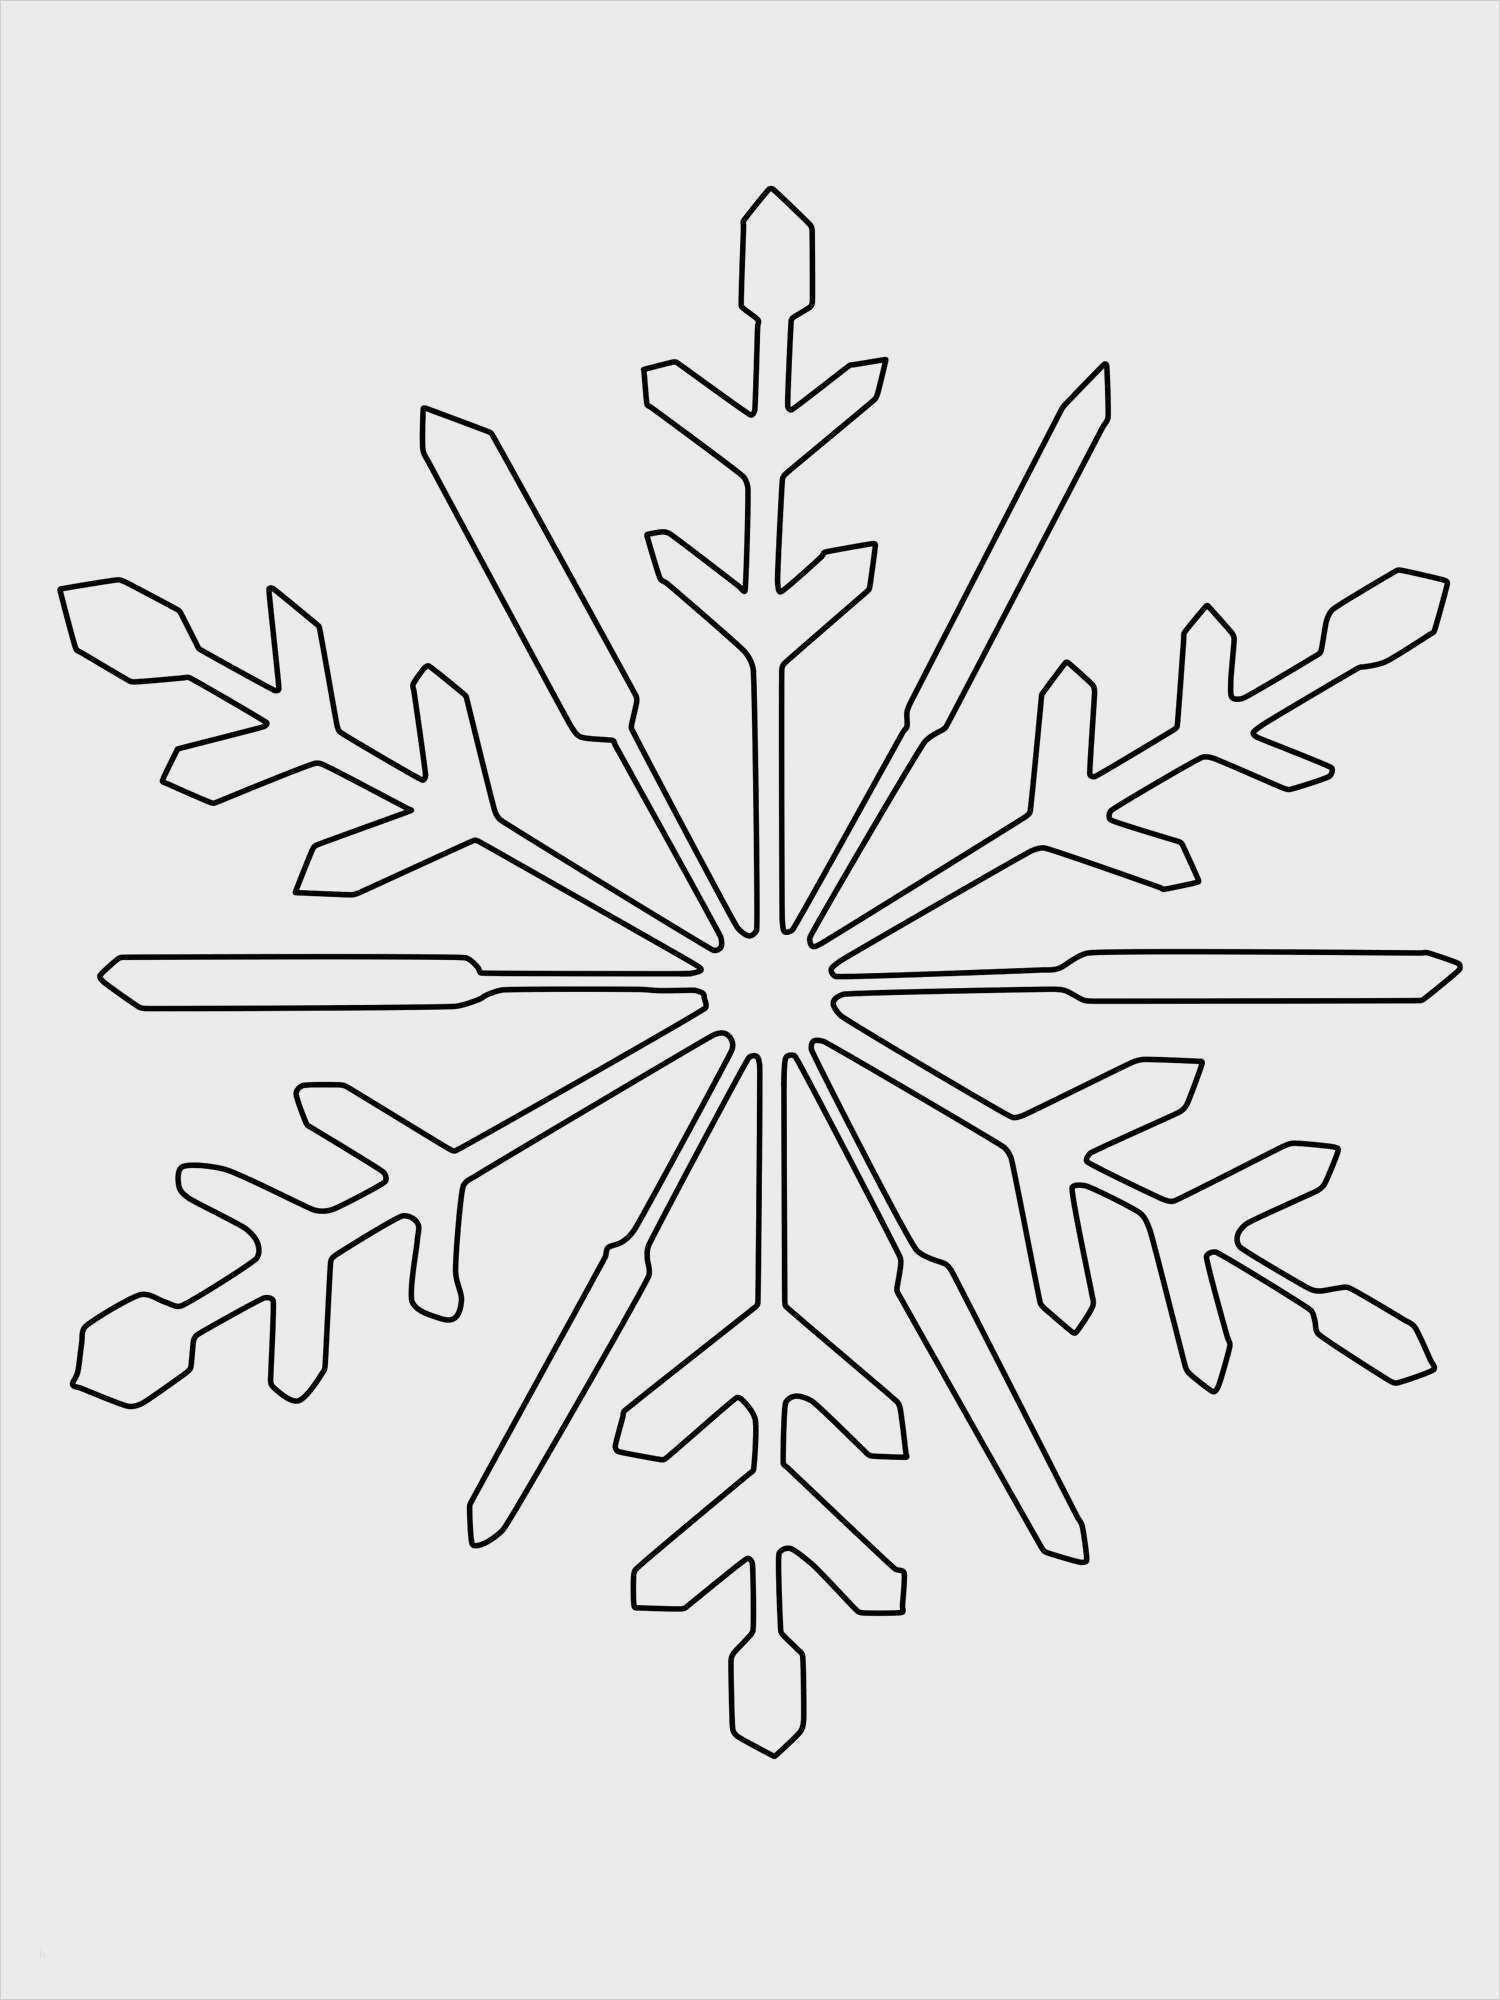 20 Genial Schneeflocken Vorlage Ausdrucken Gut Designt Sie Konnen Anpassen Fur Ihre Wichtigst Schneeflocke Schablone Schneeflocke Vorlage Schneeflocken Basteln